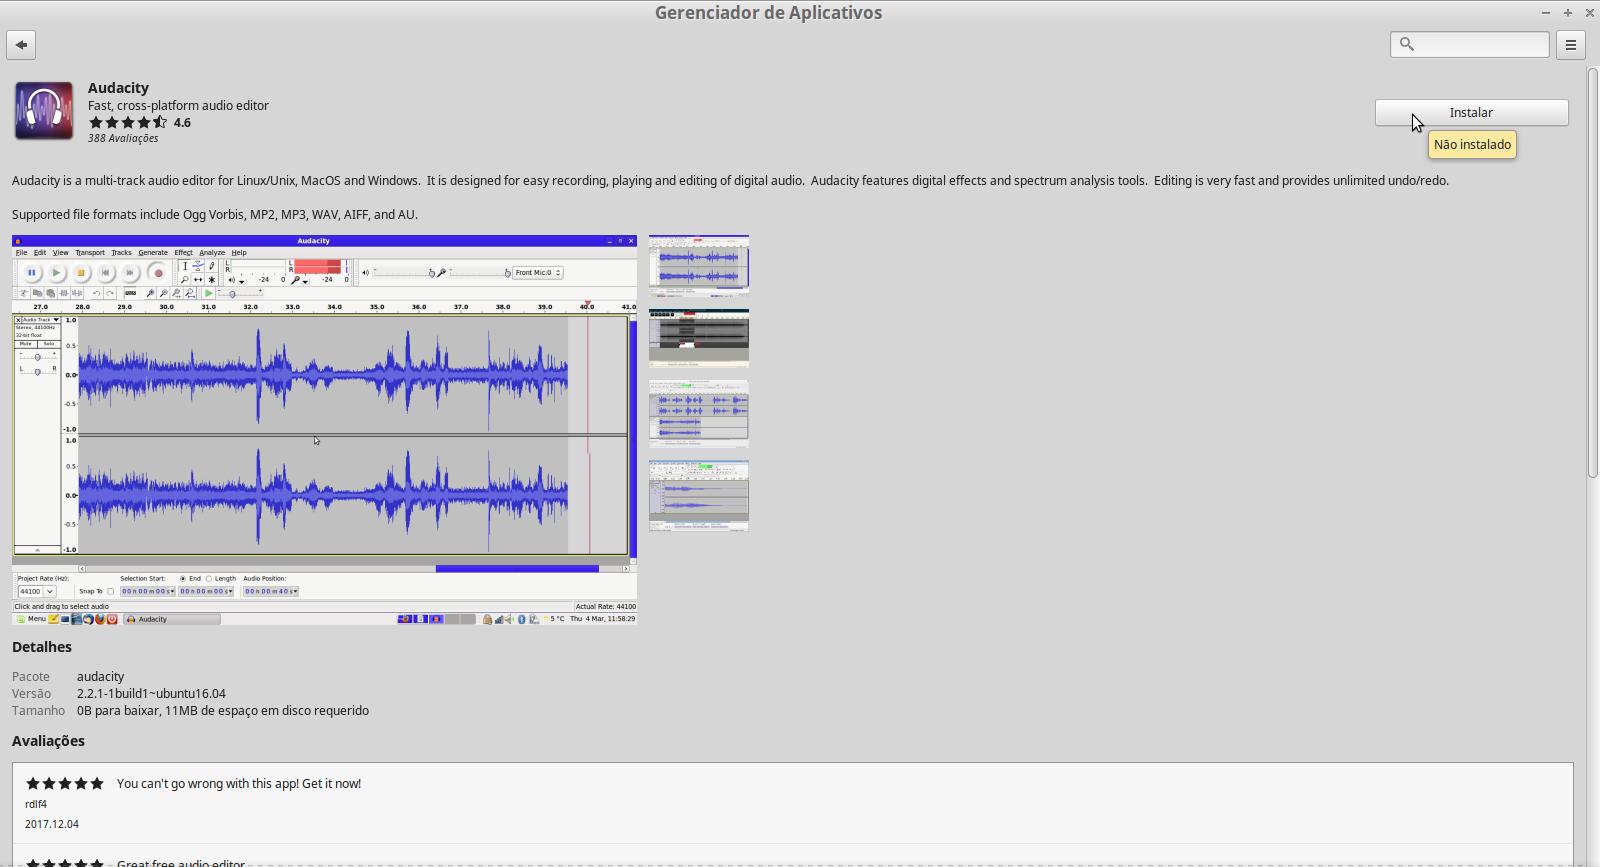 Audacity um aplicativo para editar e gravar áudio -